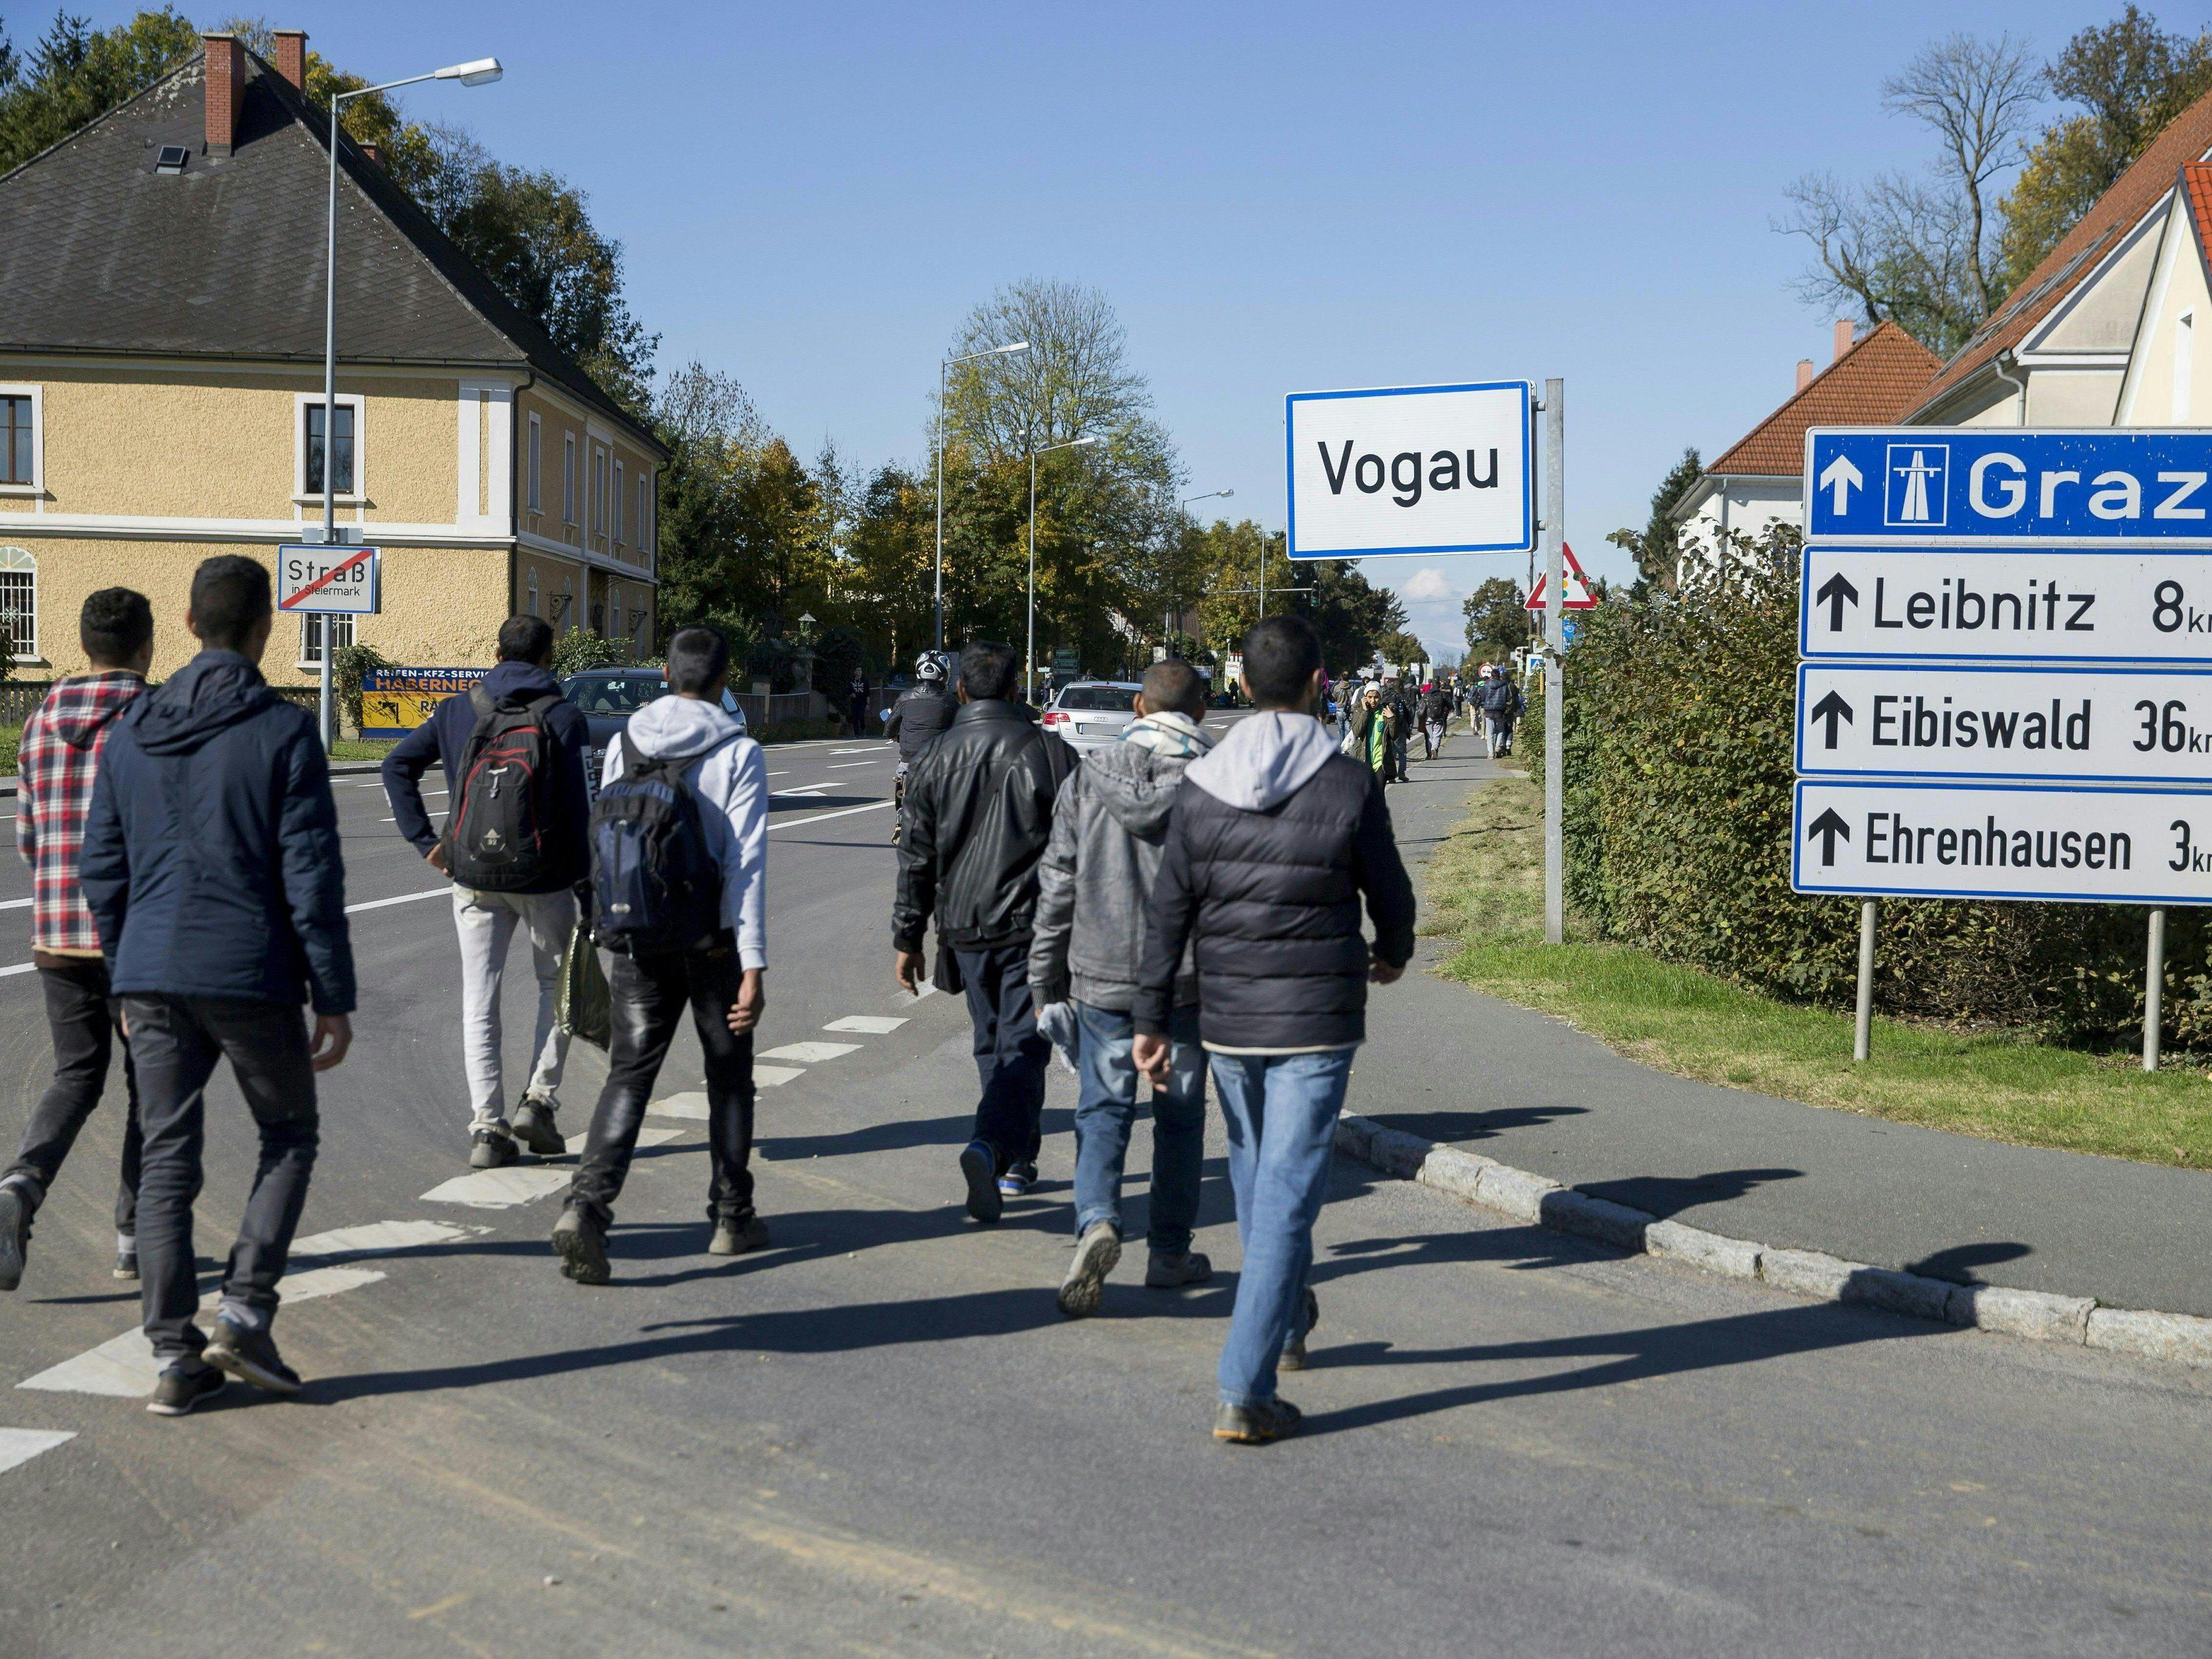 Migranten durchbrachen Absperrung - Polizei versucht Zuggleise und Autobahn freizuhalten.